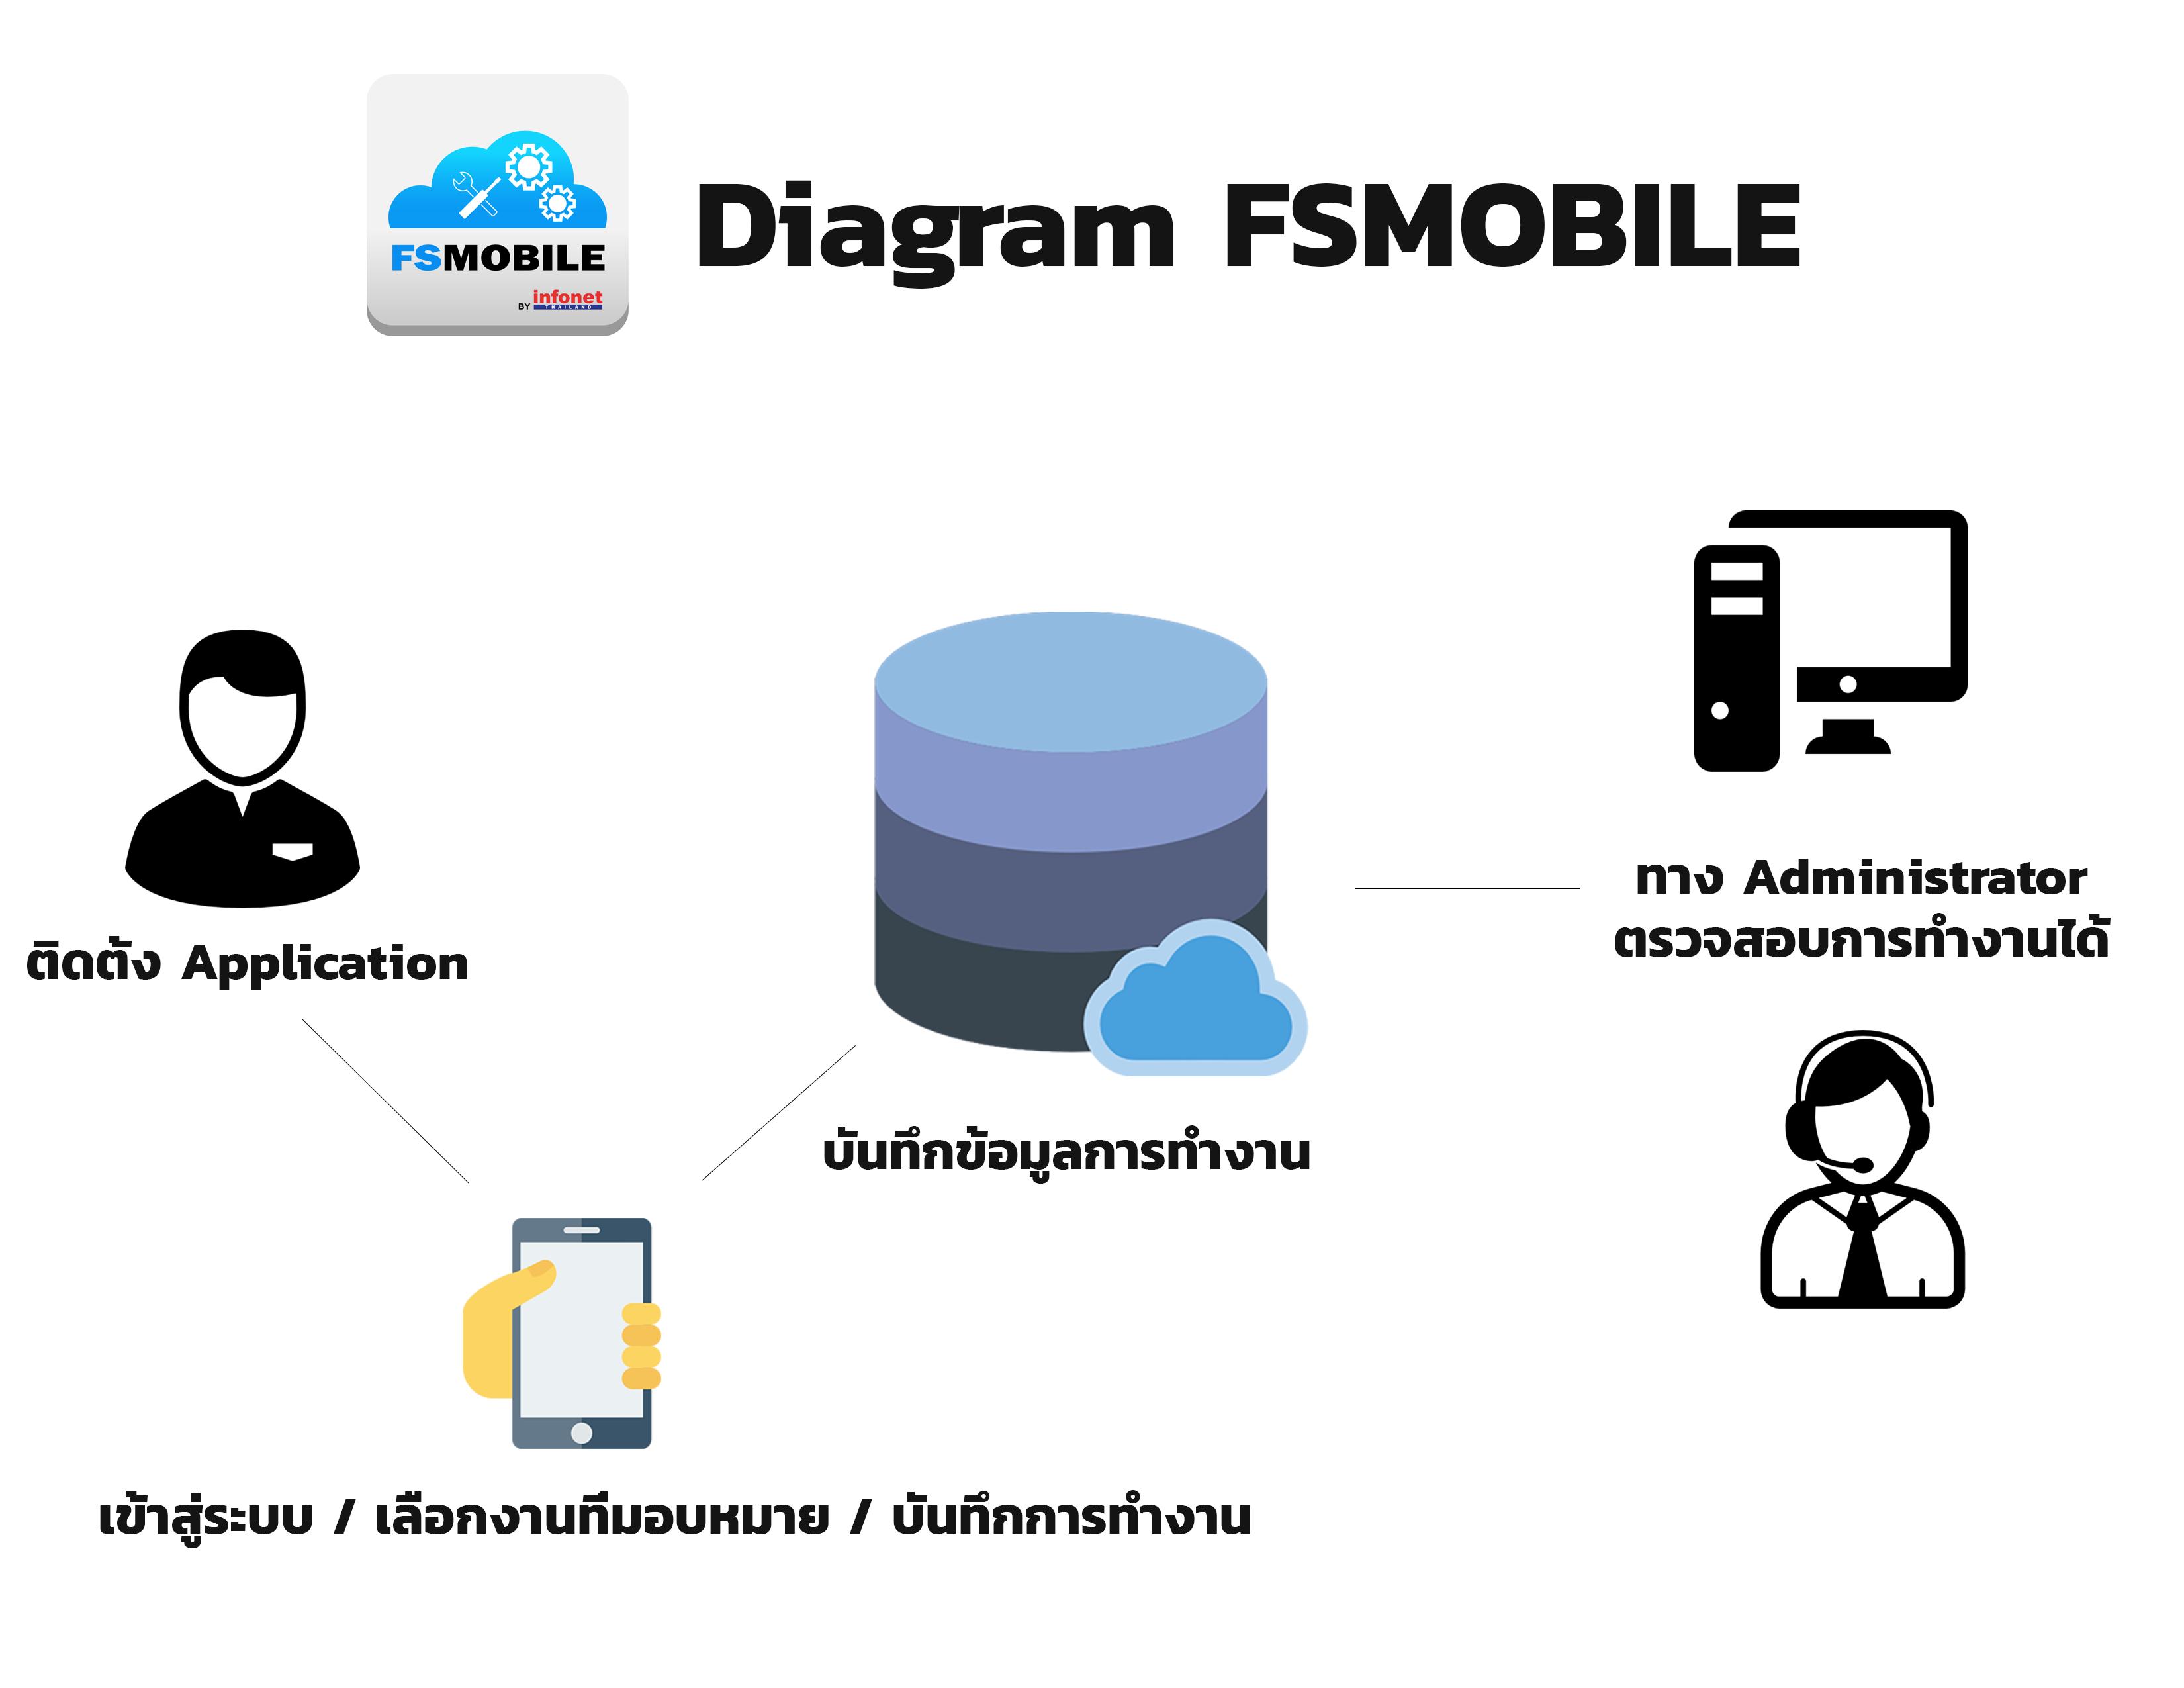 รับทำแอพพลิเคชั่น,รับพัฒนา Mobile application,รับทำแอพมือถือ, รับทำ app, รับเขียนแอพ, รับทำแอพพลิเคชั่นมือถือ, บริษัททำแอพพลิเคชั่น